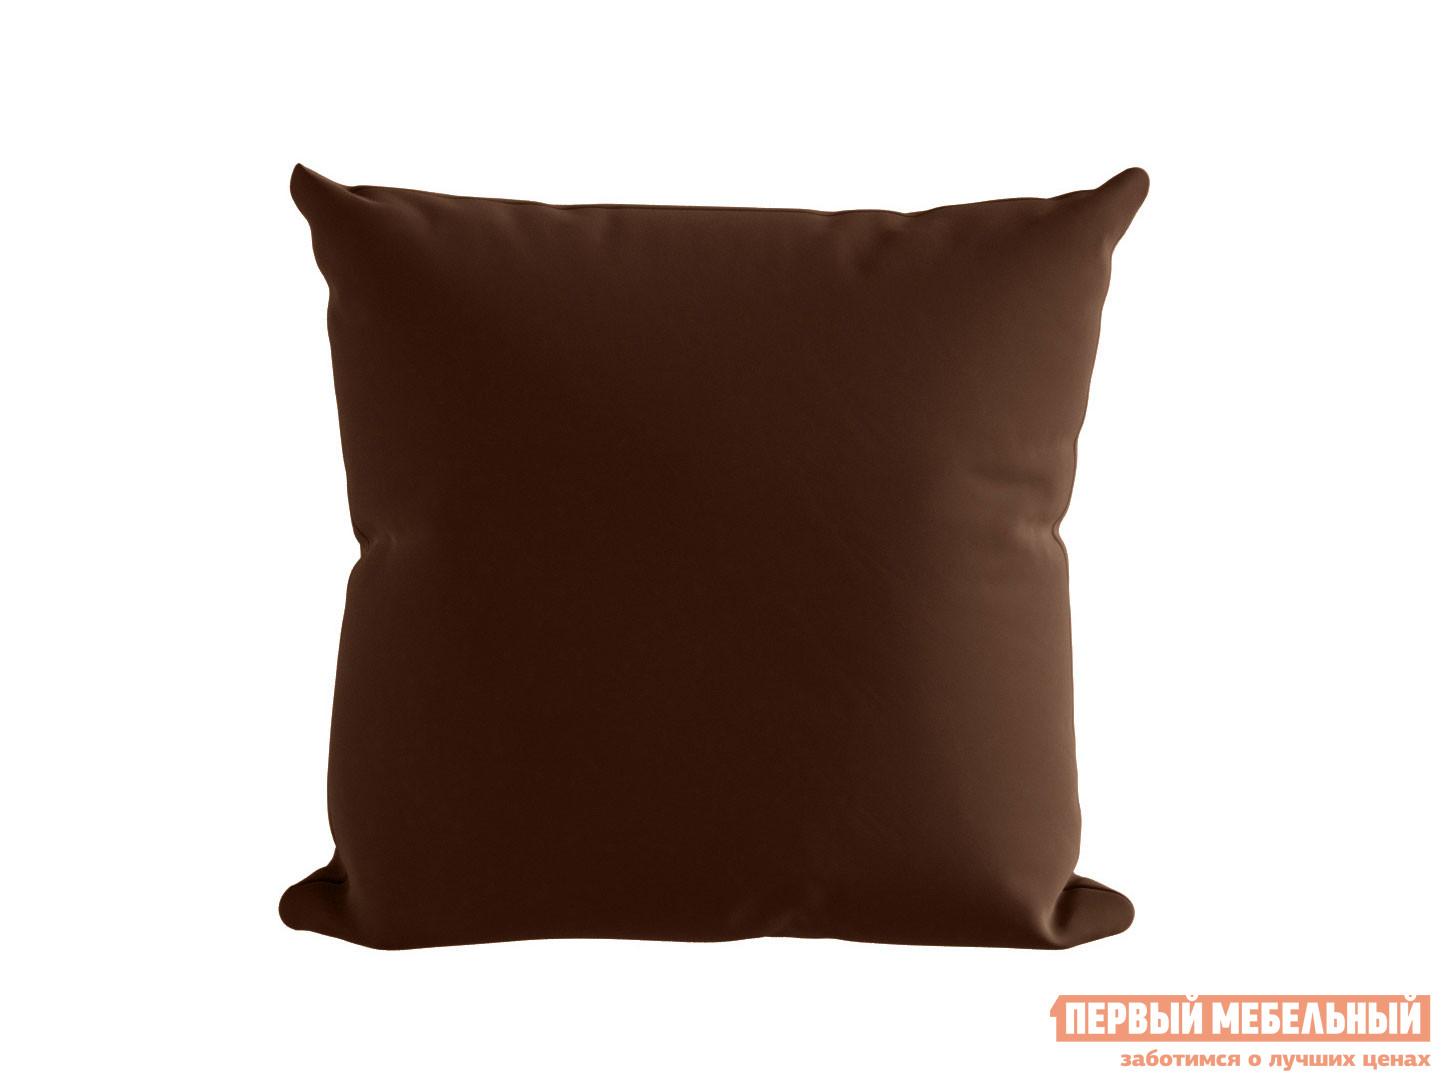 Декоративная подушка Первый Мебельный Подушка ШН(122), Размер 45х45